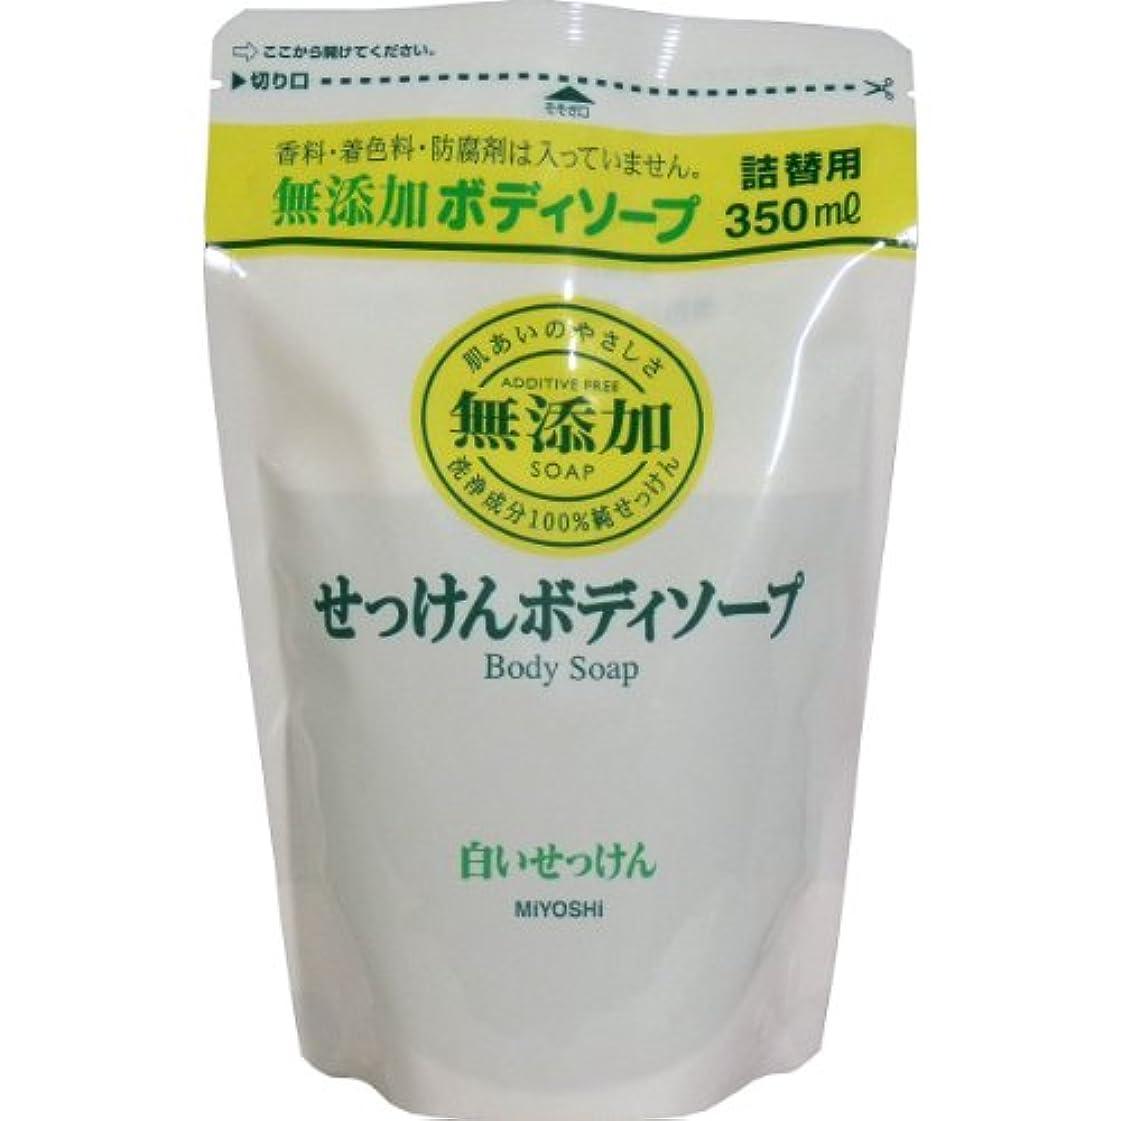 結婚する少年肌寒い無添加 ボディソープ 白い石けん つめかえ用 350ml(無添加石鹸) 7セット